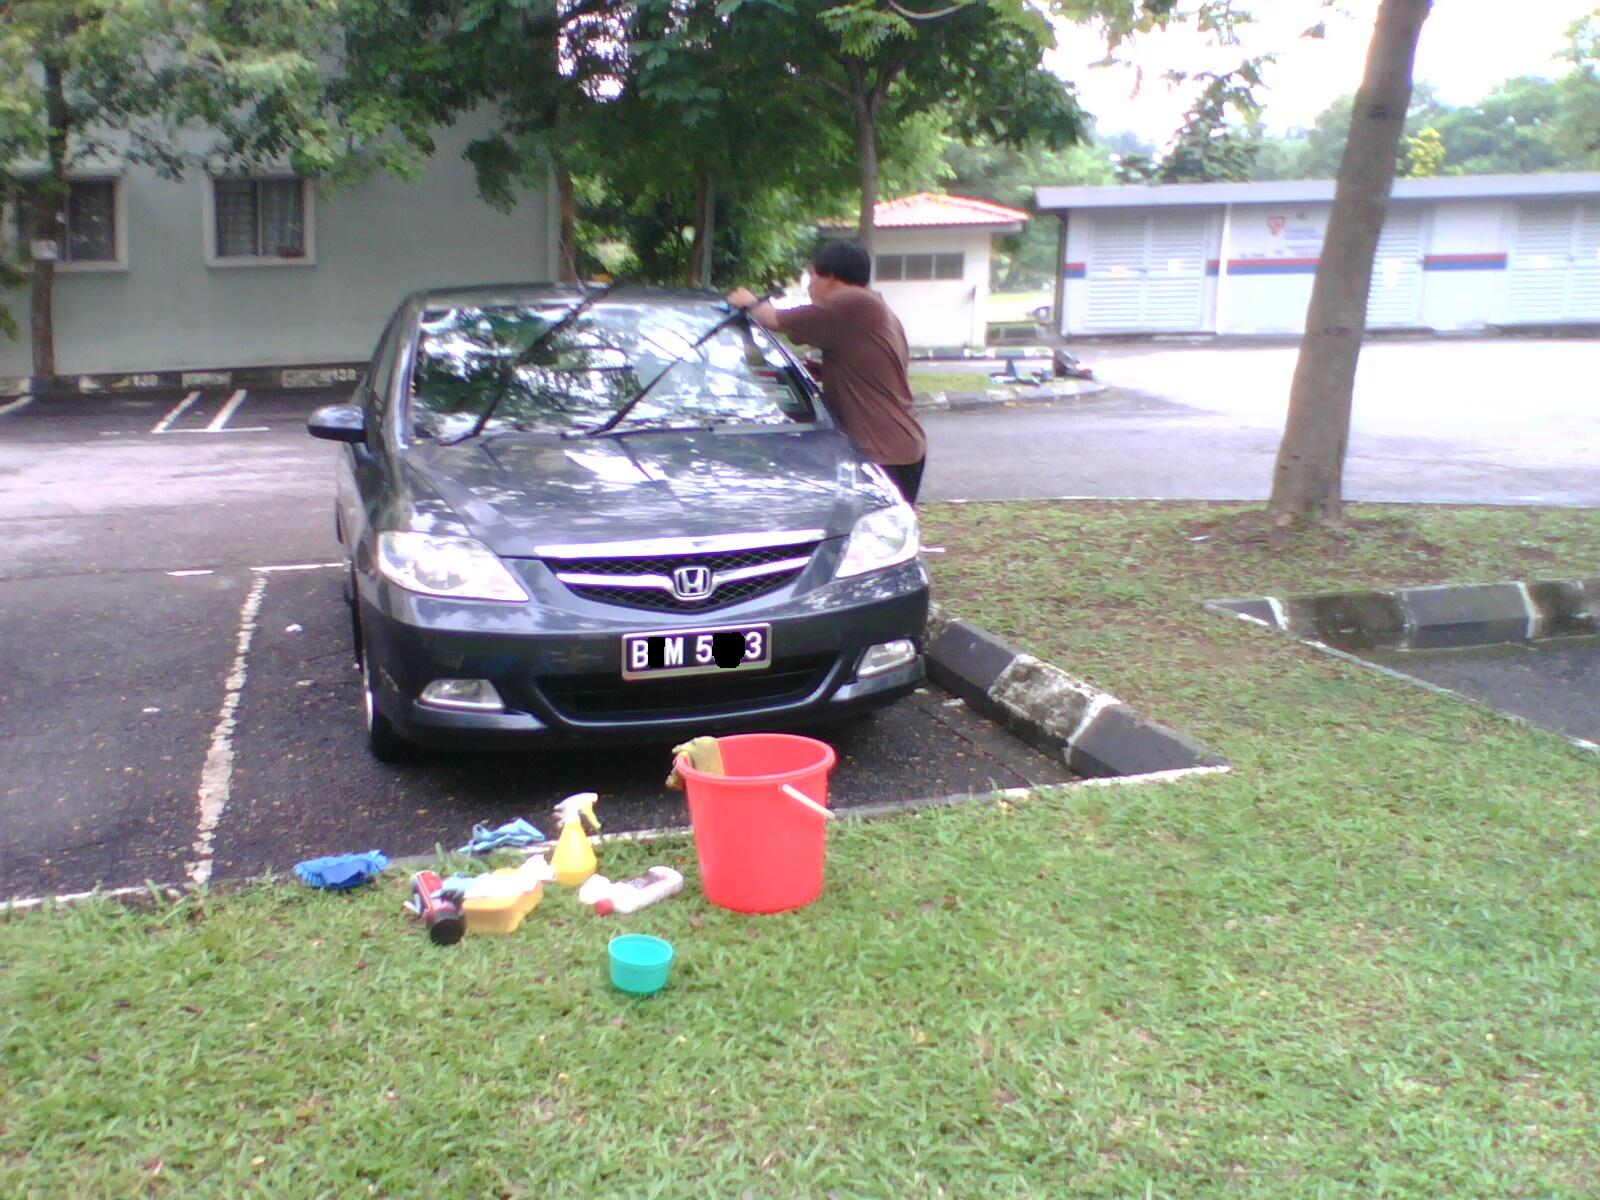 http://3.bp.blogspot.com/-Zuw2k8X2Q6o/Tv1OiZiUtEI/AAAAAAAAA10/mEqIWZ2NrQA/s1600/kereta%2Bhonda.JPG